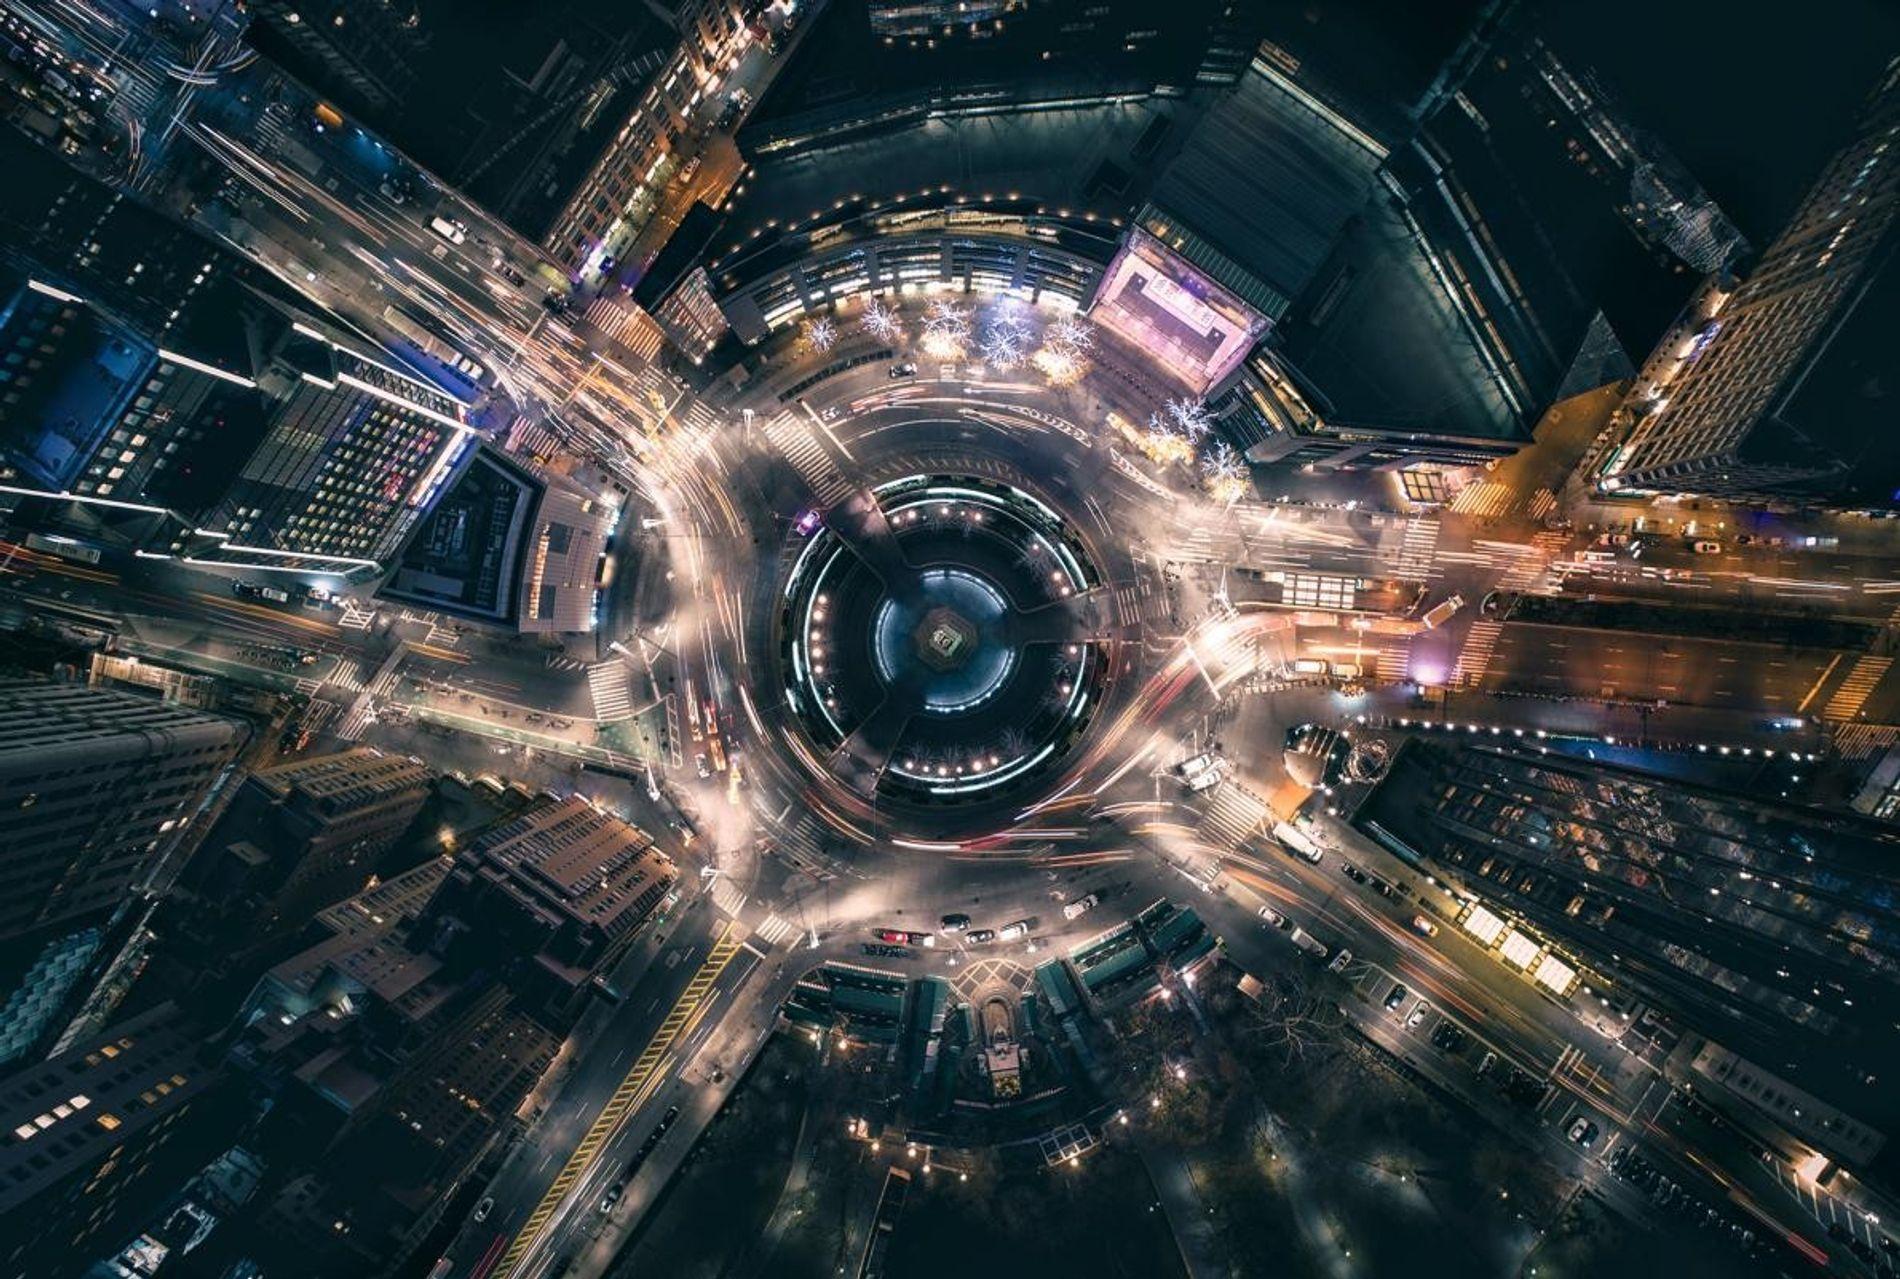 """Pulsos de tráfego através do Colombus Circle em Nova York: """"Parece quase um reator nuclear"""", observa Cummins."""